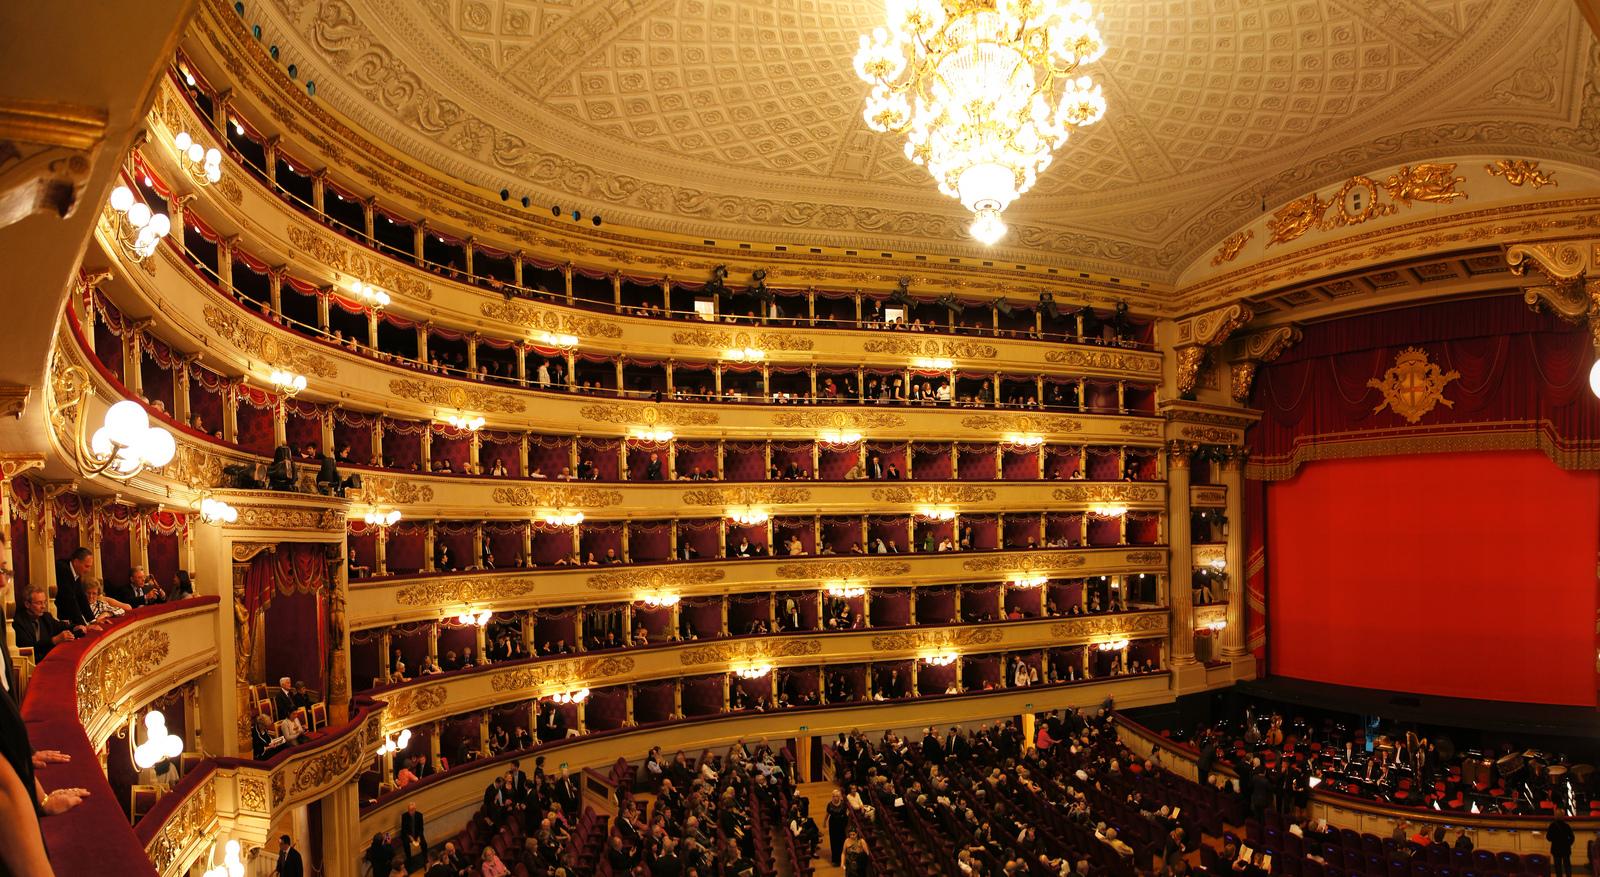 La Scala Theatre